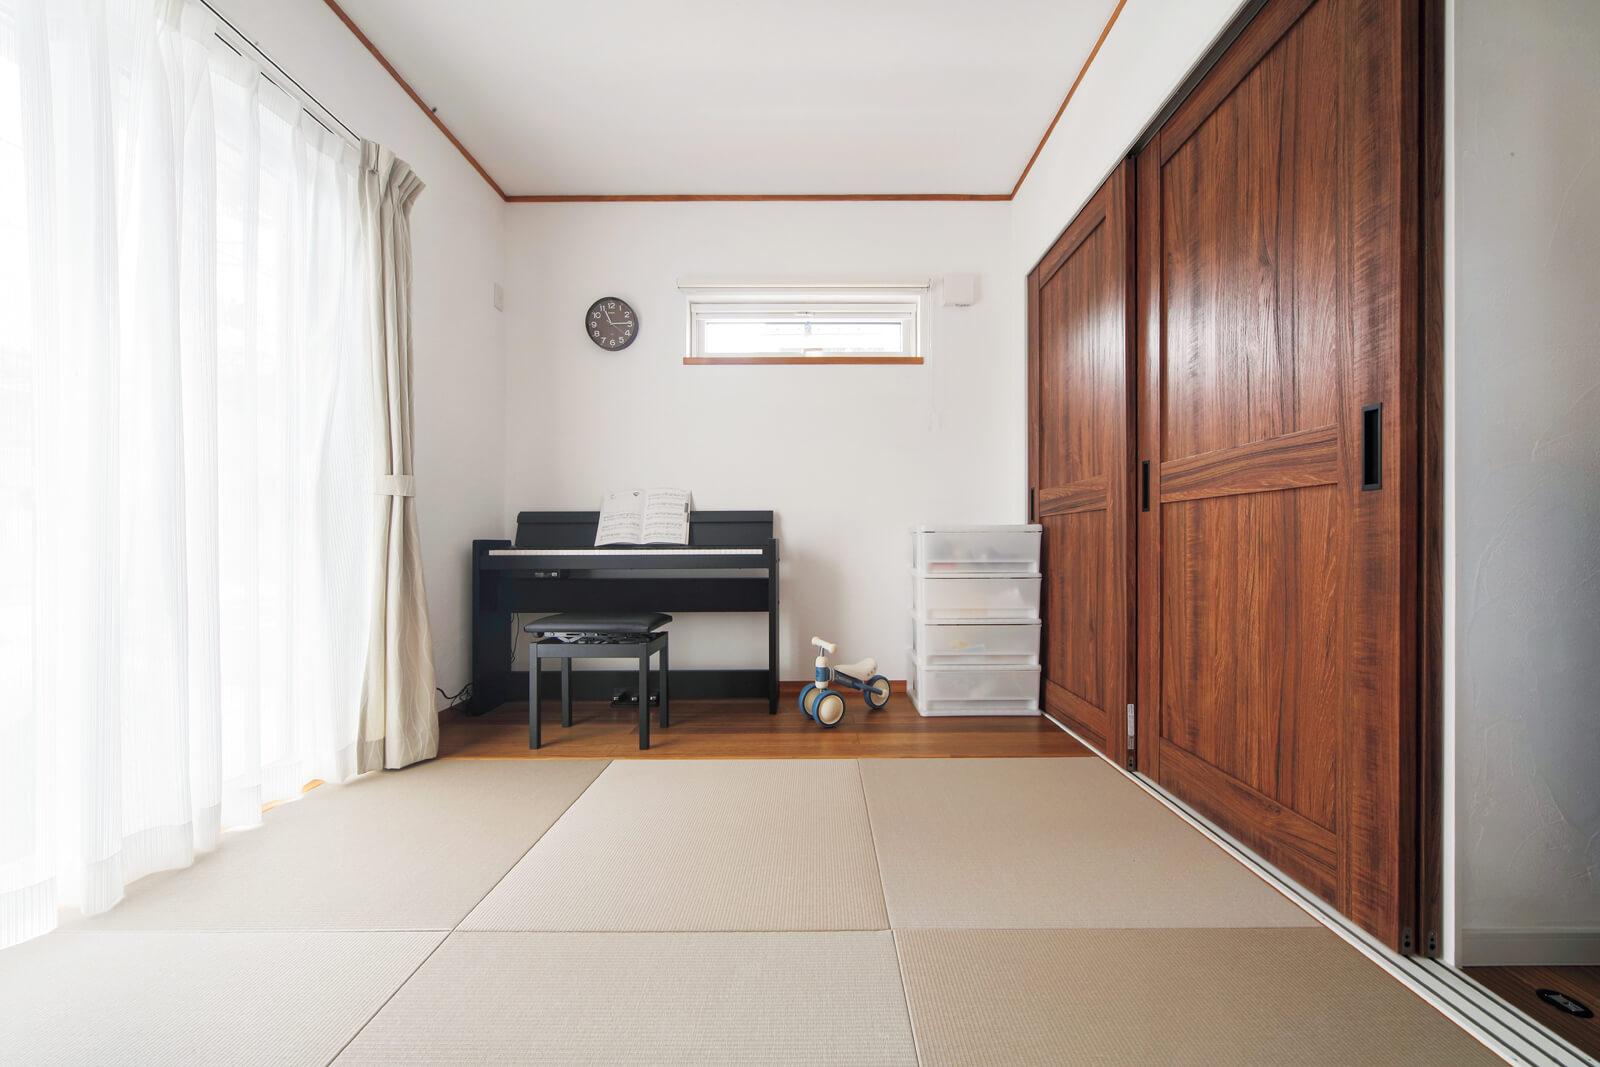 リビングに隣接する和室は、お子さんの遊び場や昼寝スペース、泊まり客用の寝室と多目的に使える